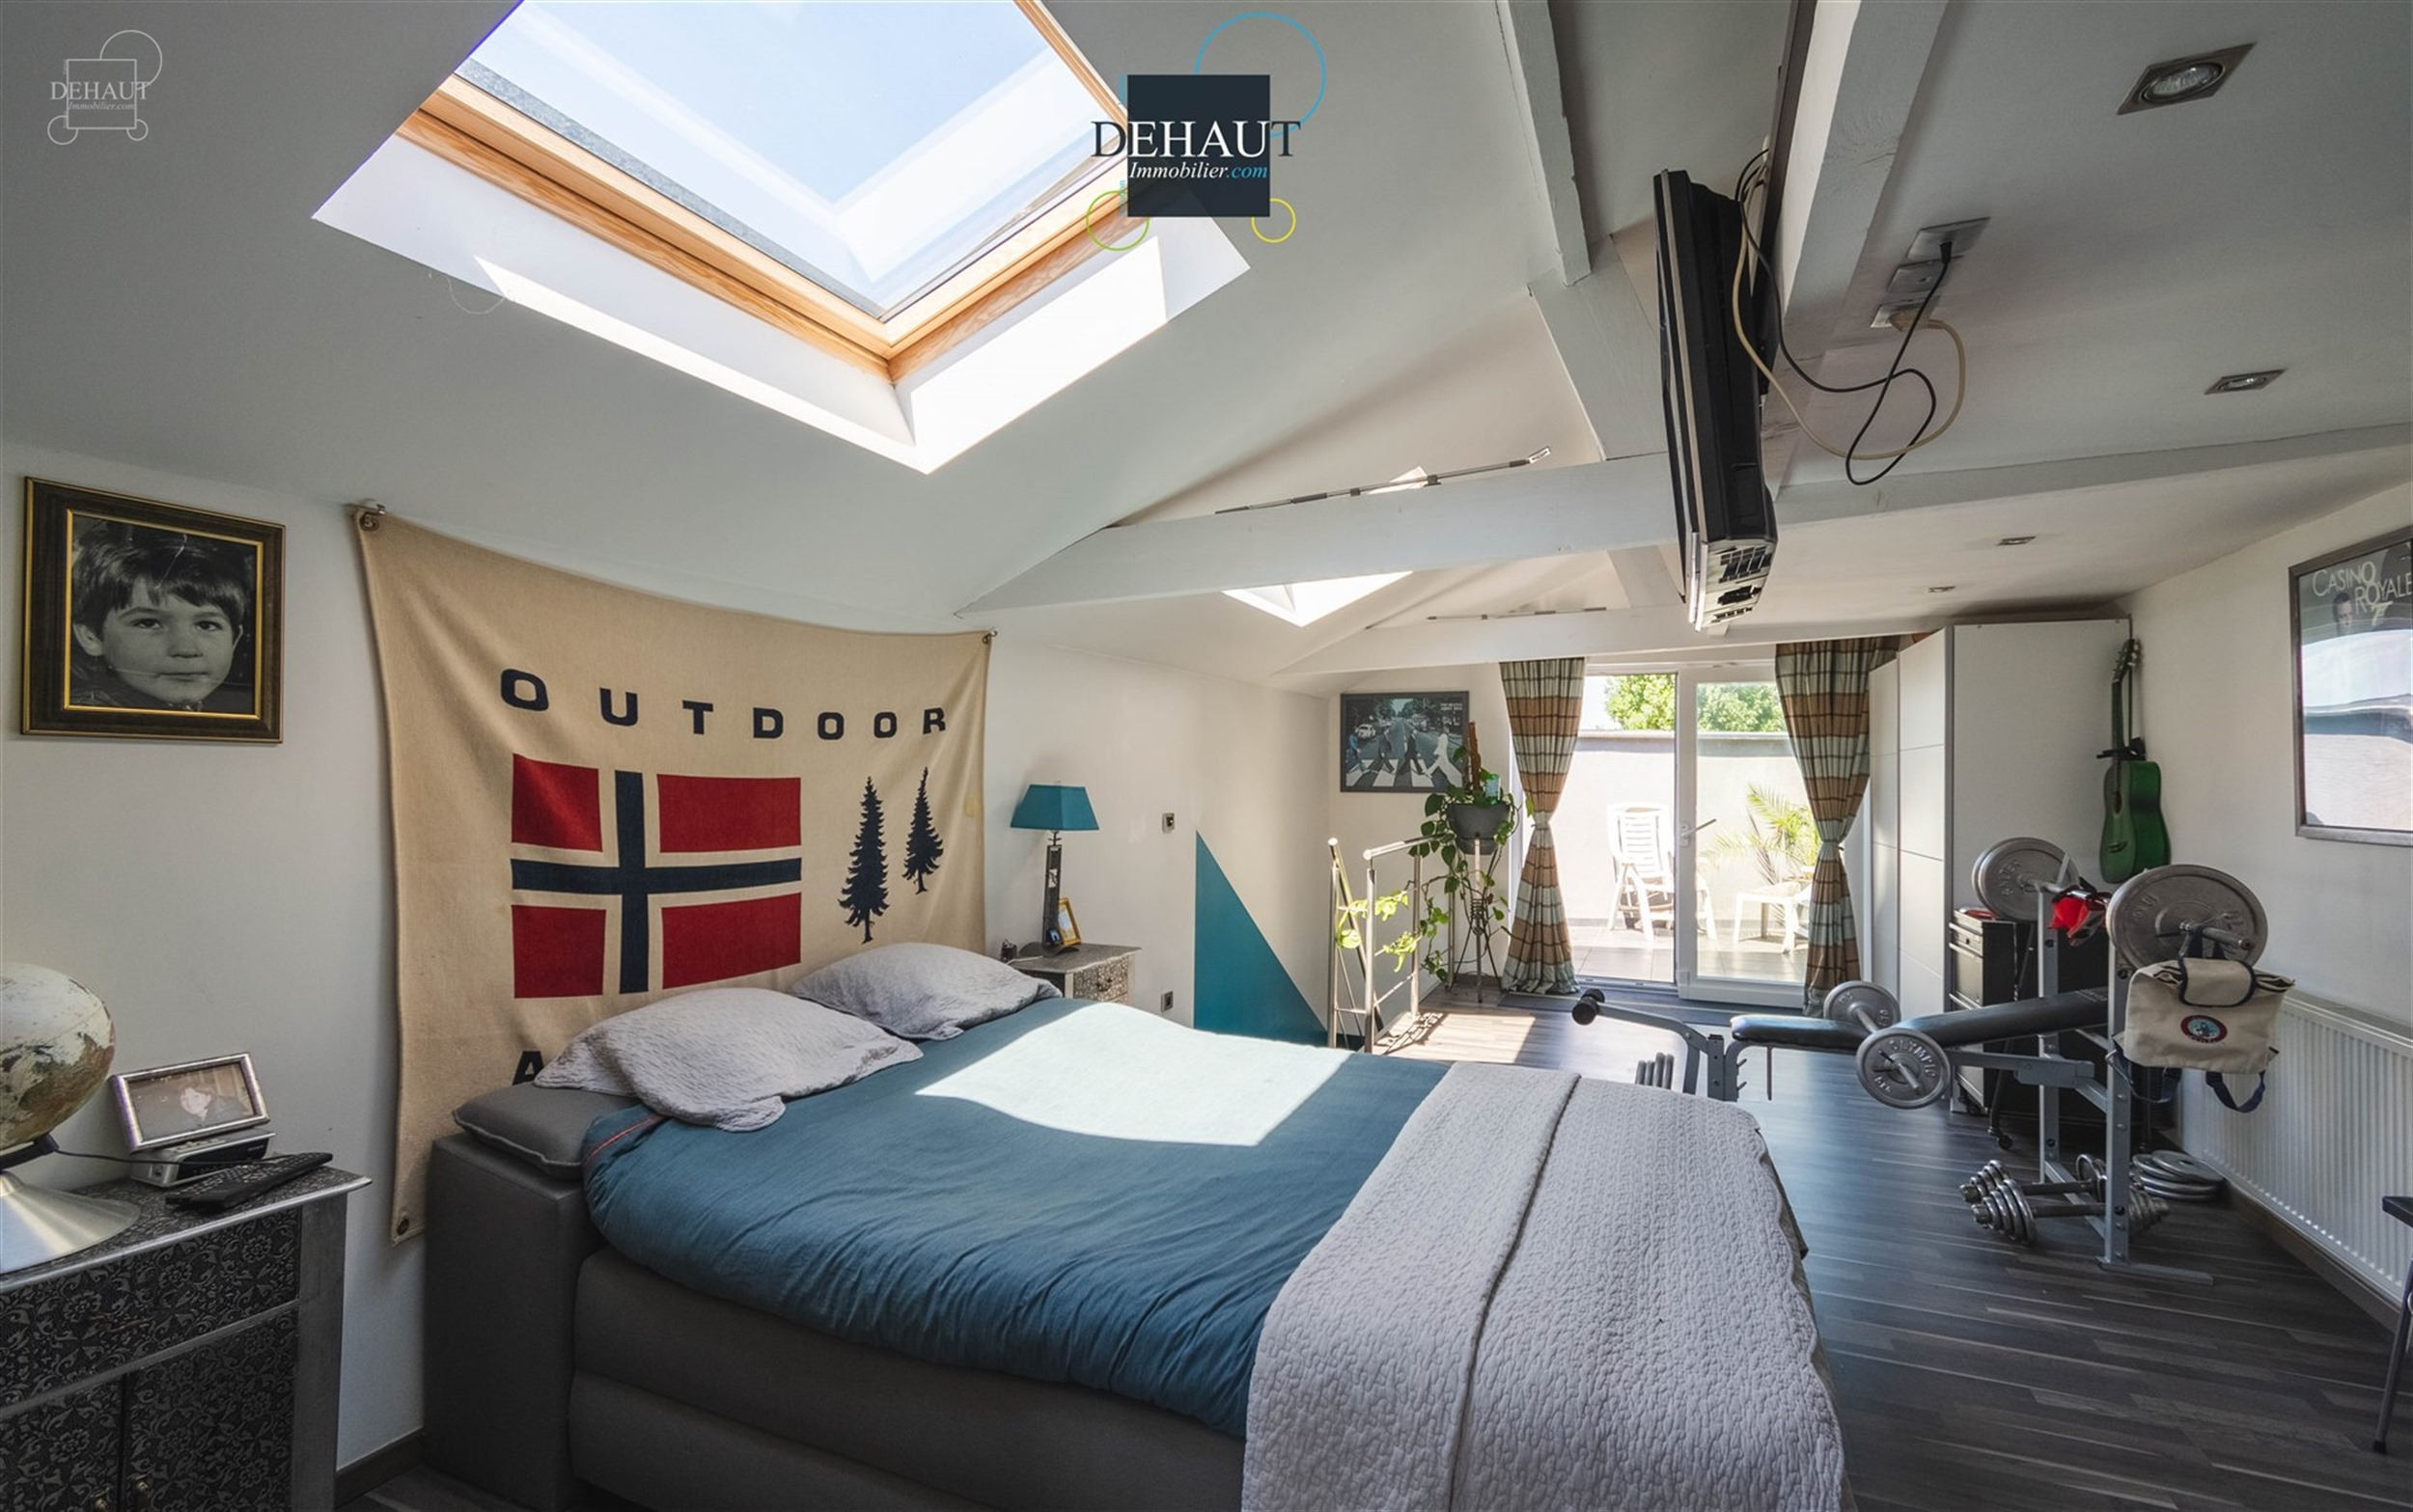 Superbe loft comprenant un espace de vie ouvert d'env. 50m² avec superbe cuisine équipée de qualité et cellier. A l'étage : une belle chambre ave...